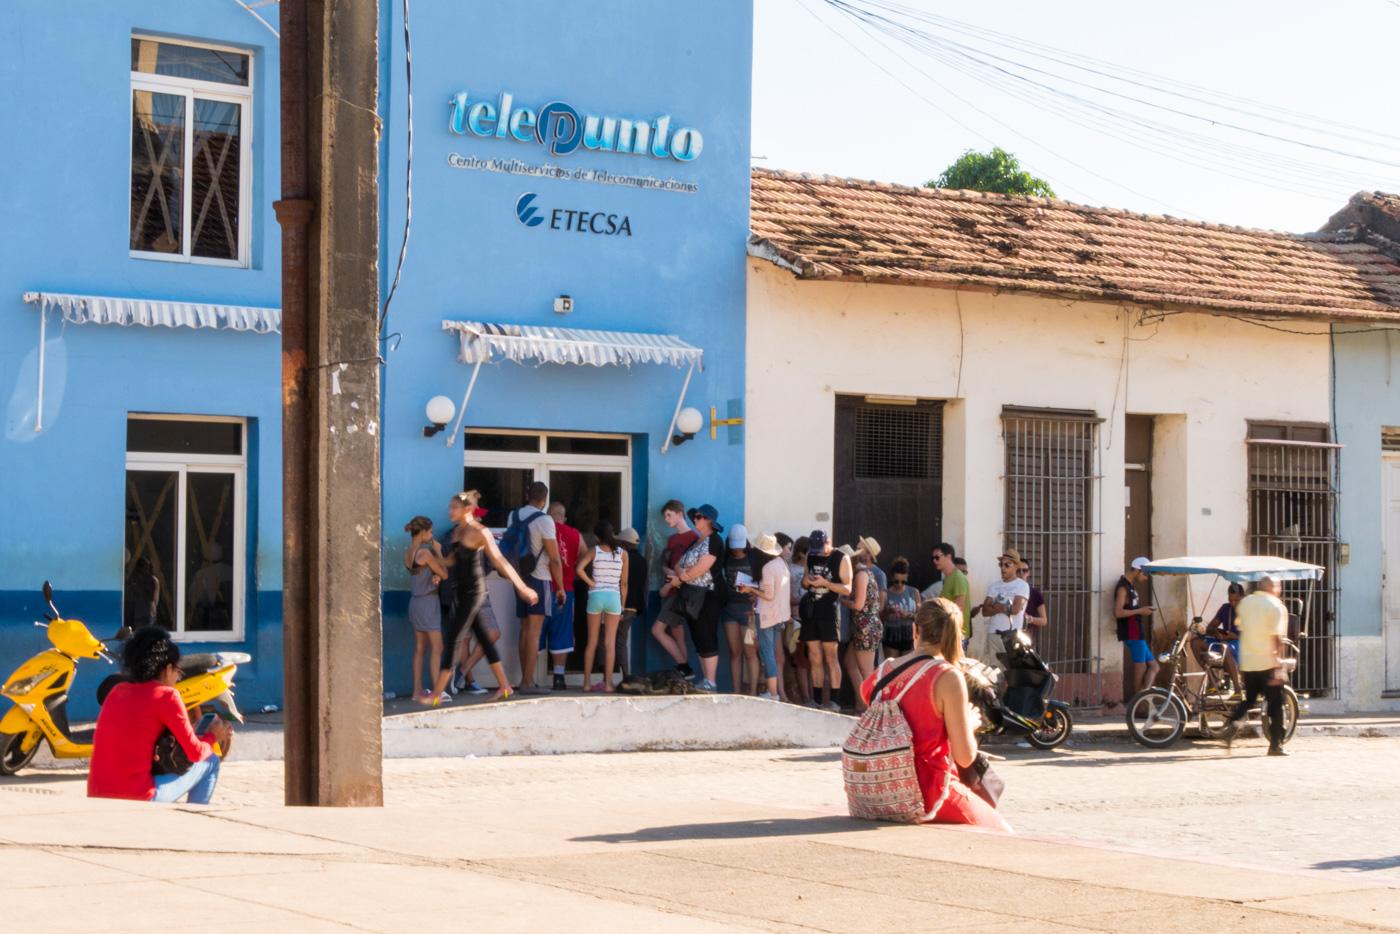 Anstehen für Internetkarten in Trinidad, Kuba